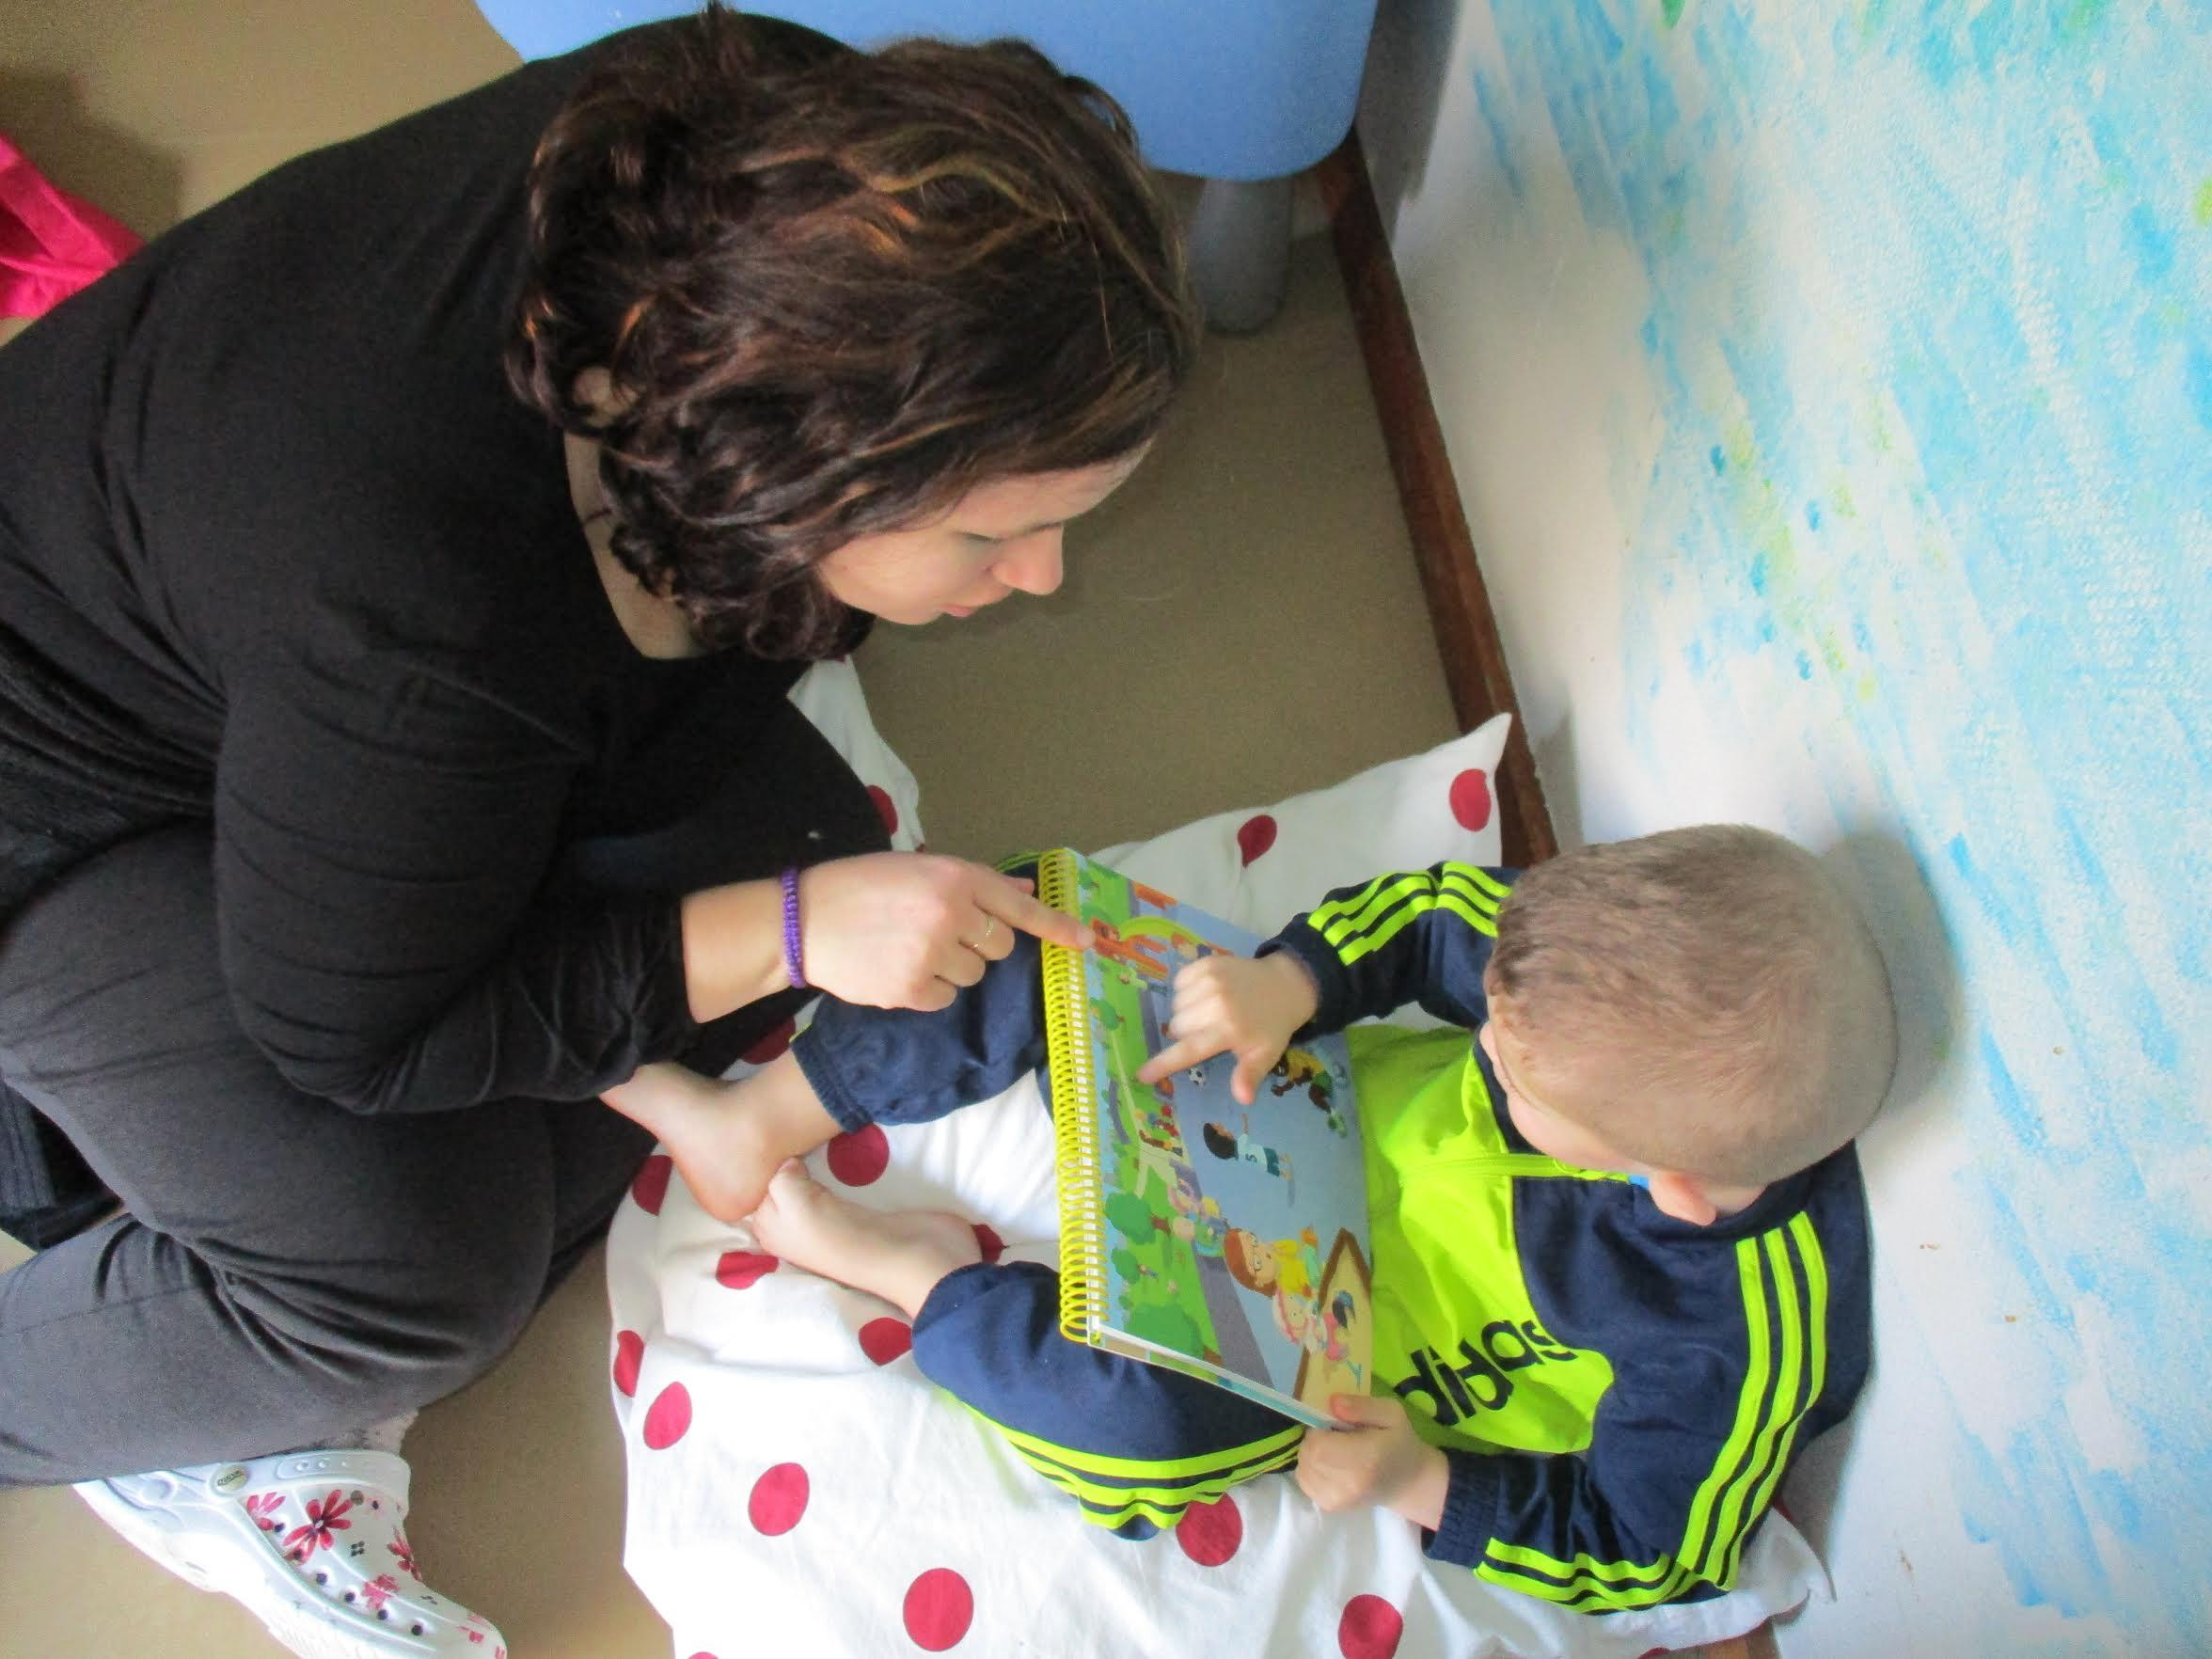 Parler bambin dans une crèche de Courcouronnes